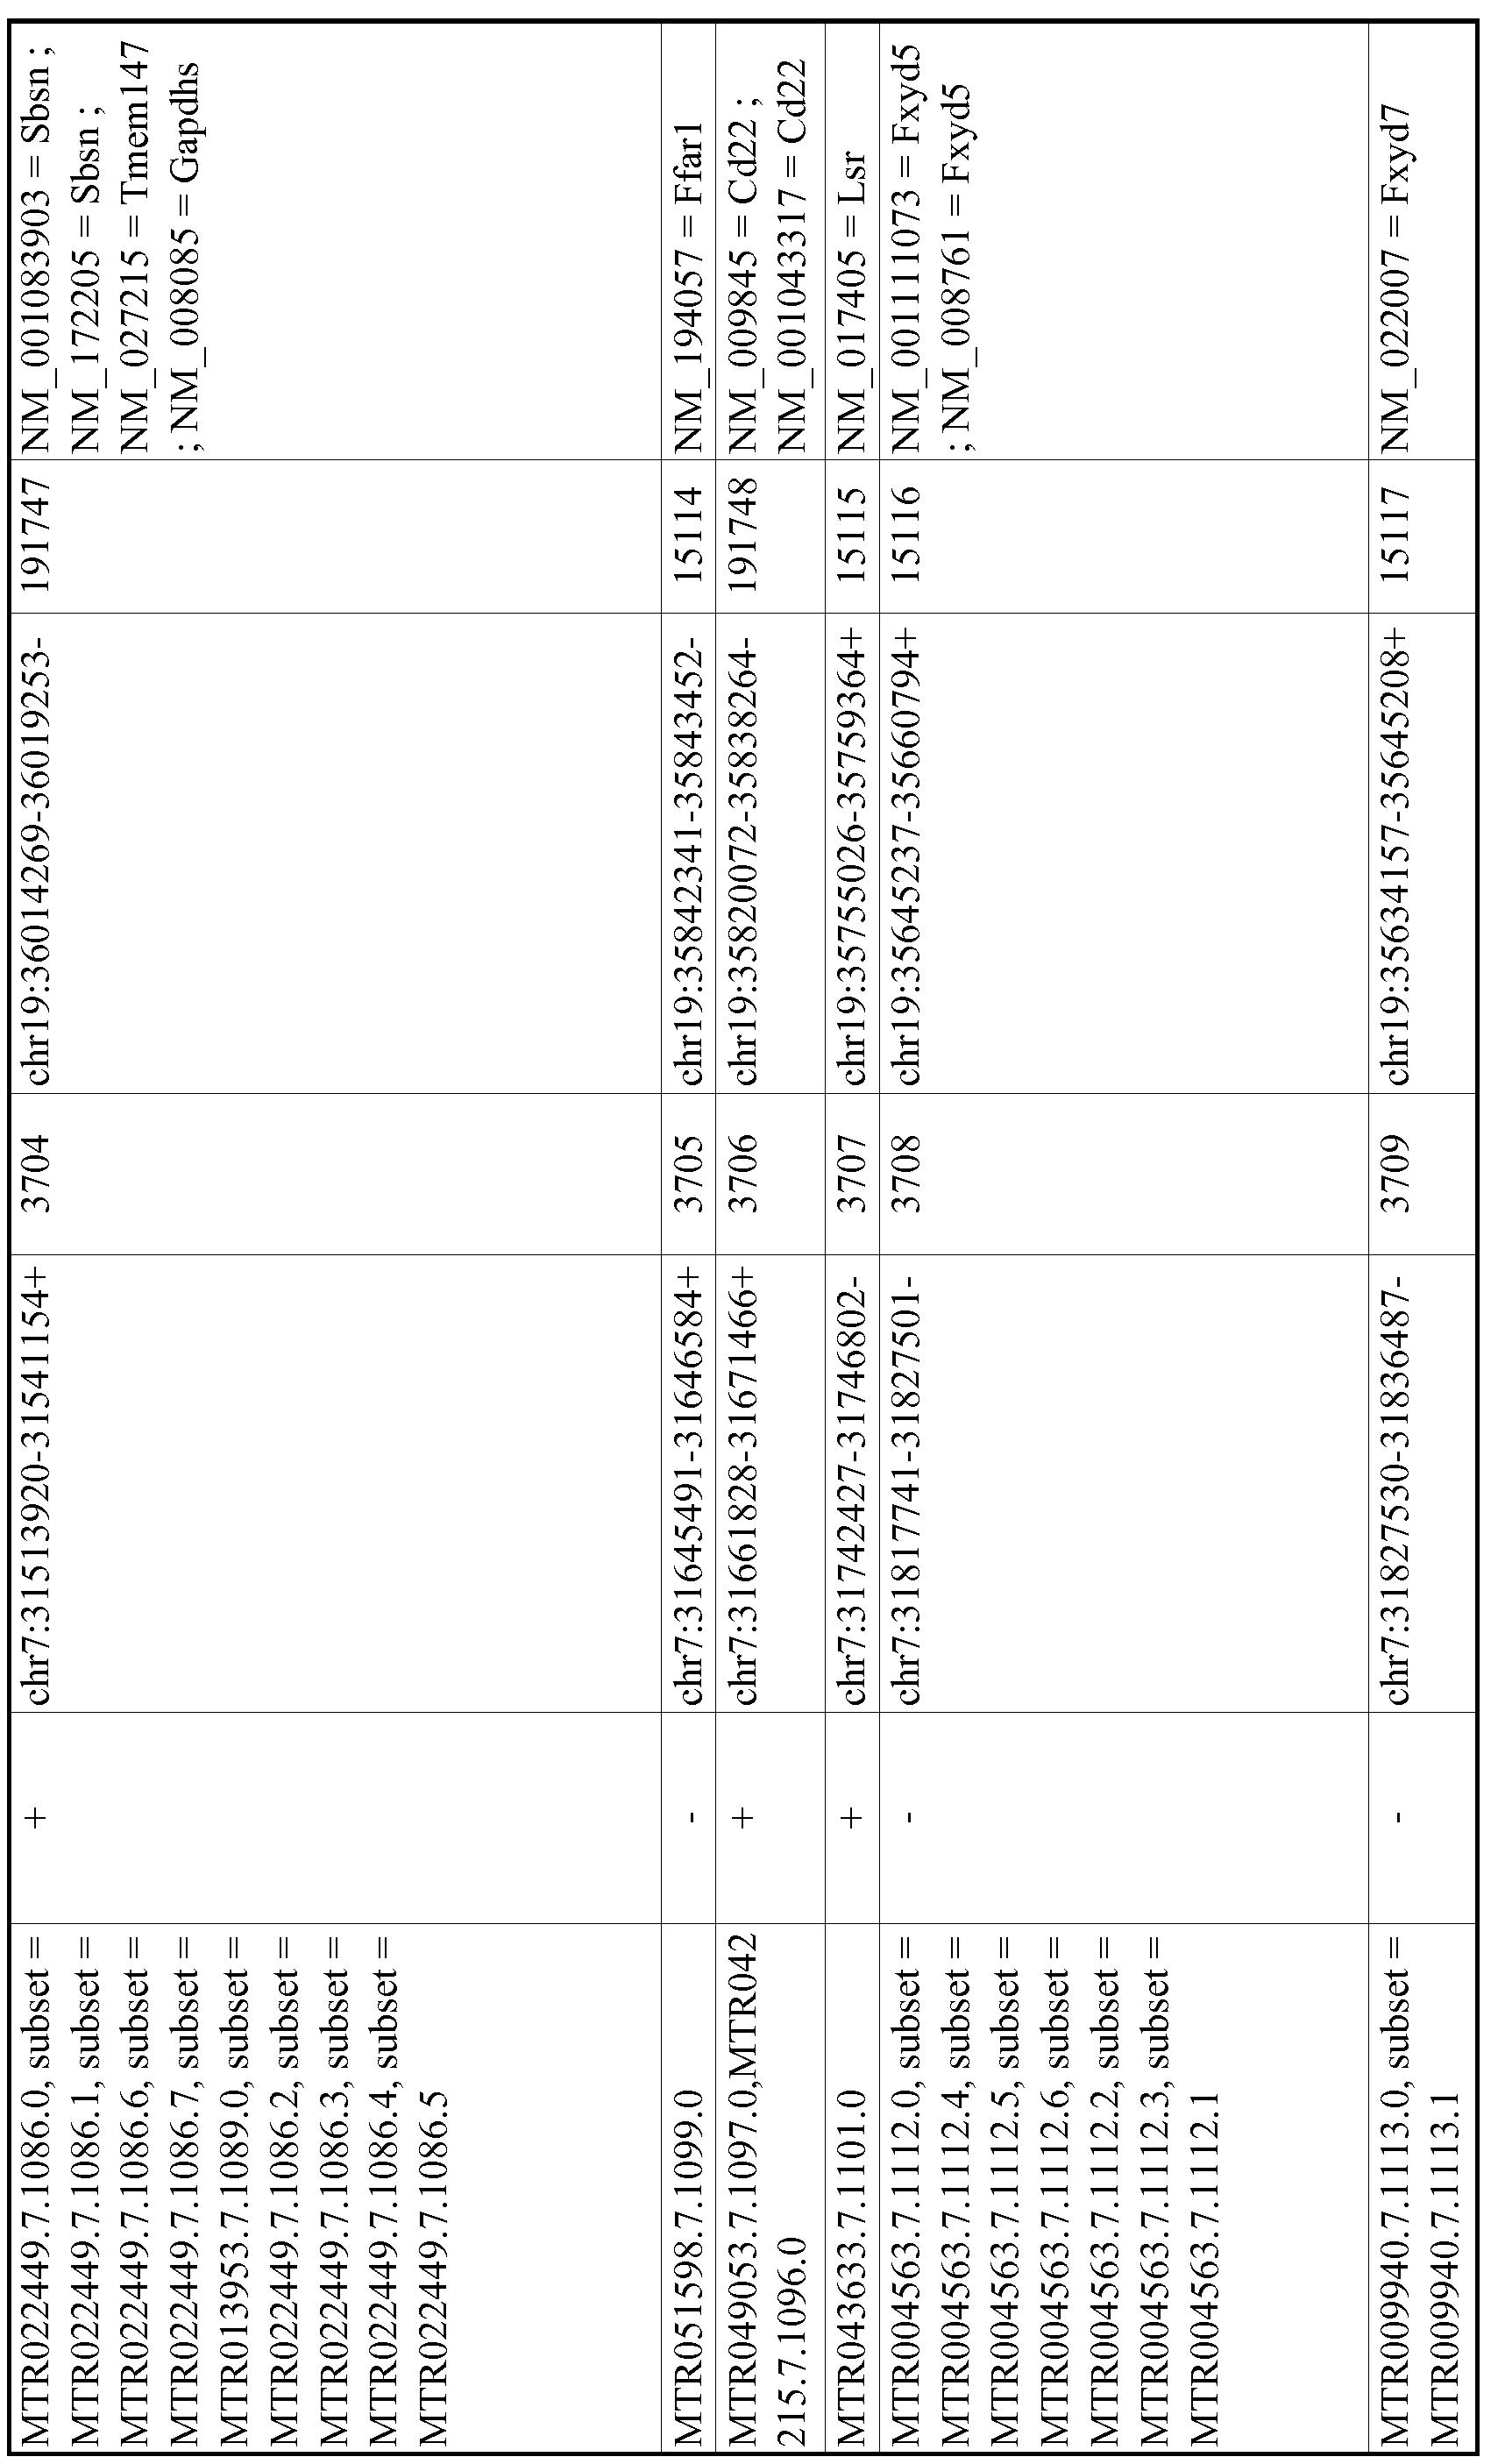 Figure imgf000713_0001